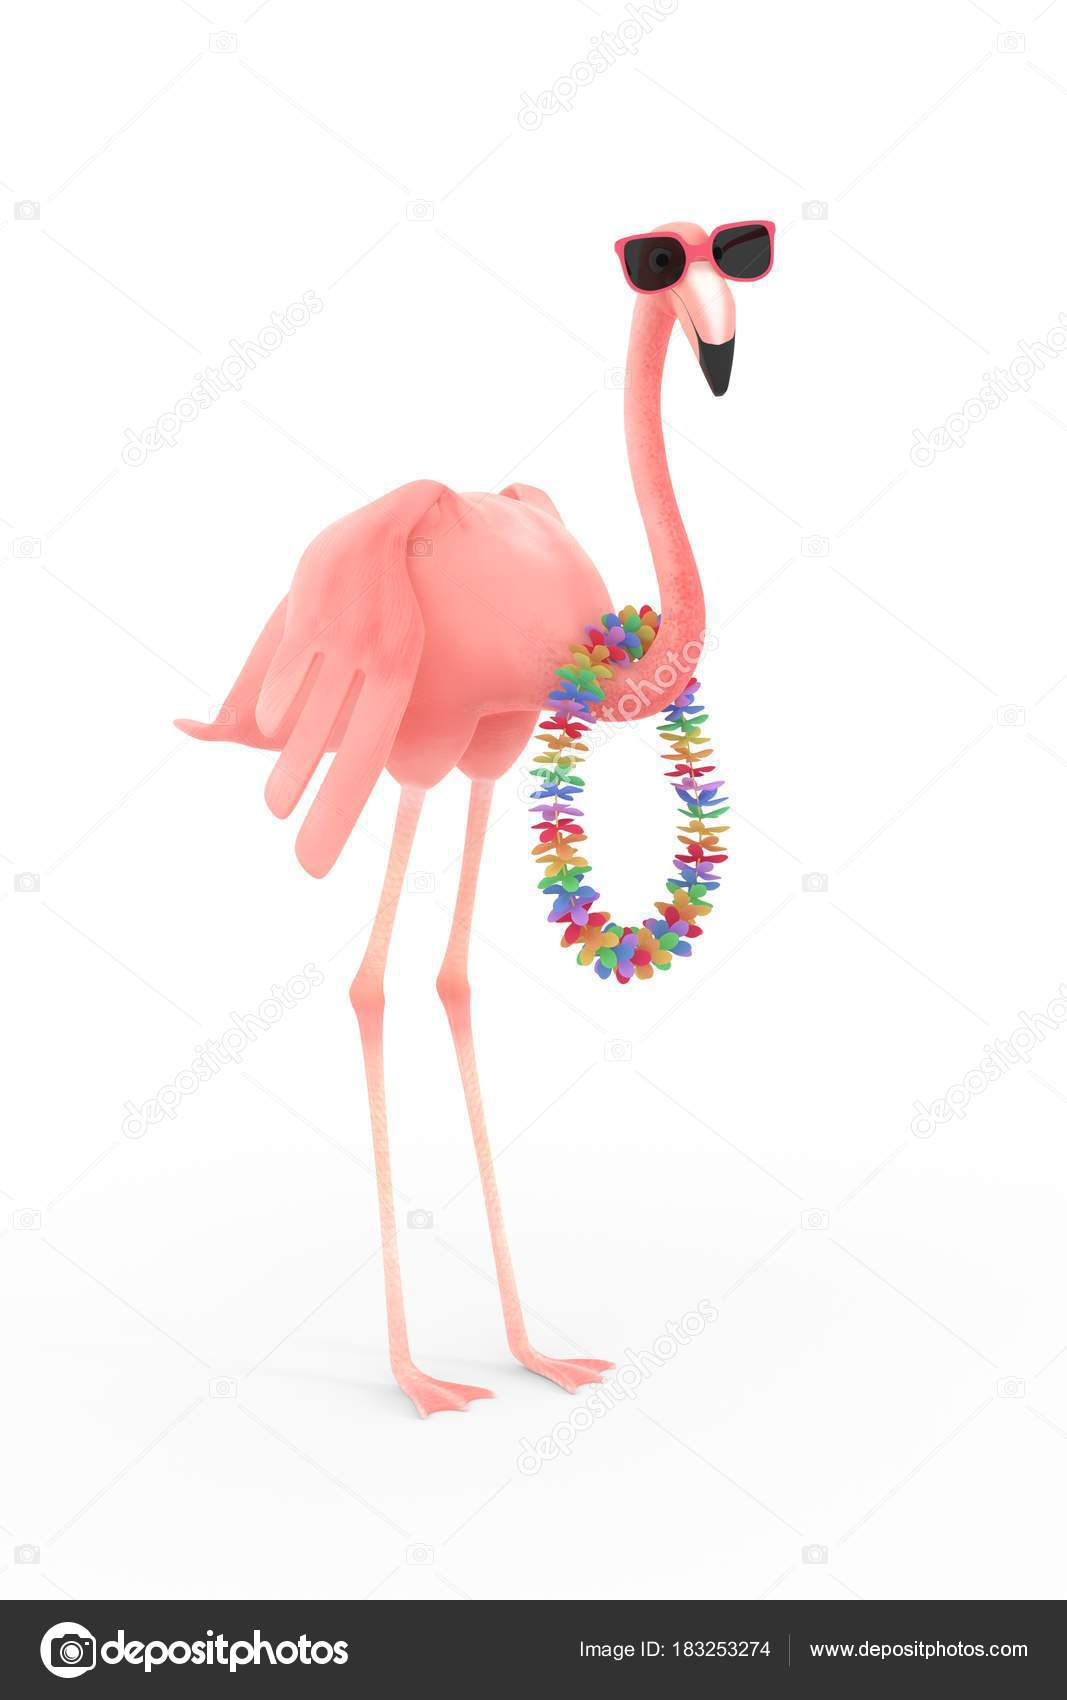 nouveaux produits pour vente en magasin modélisation durable Flamant Rose Avec Des Lunettes Soleil Guirlande Fleurs ...